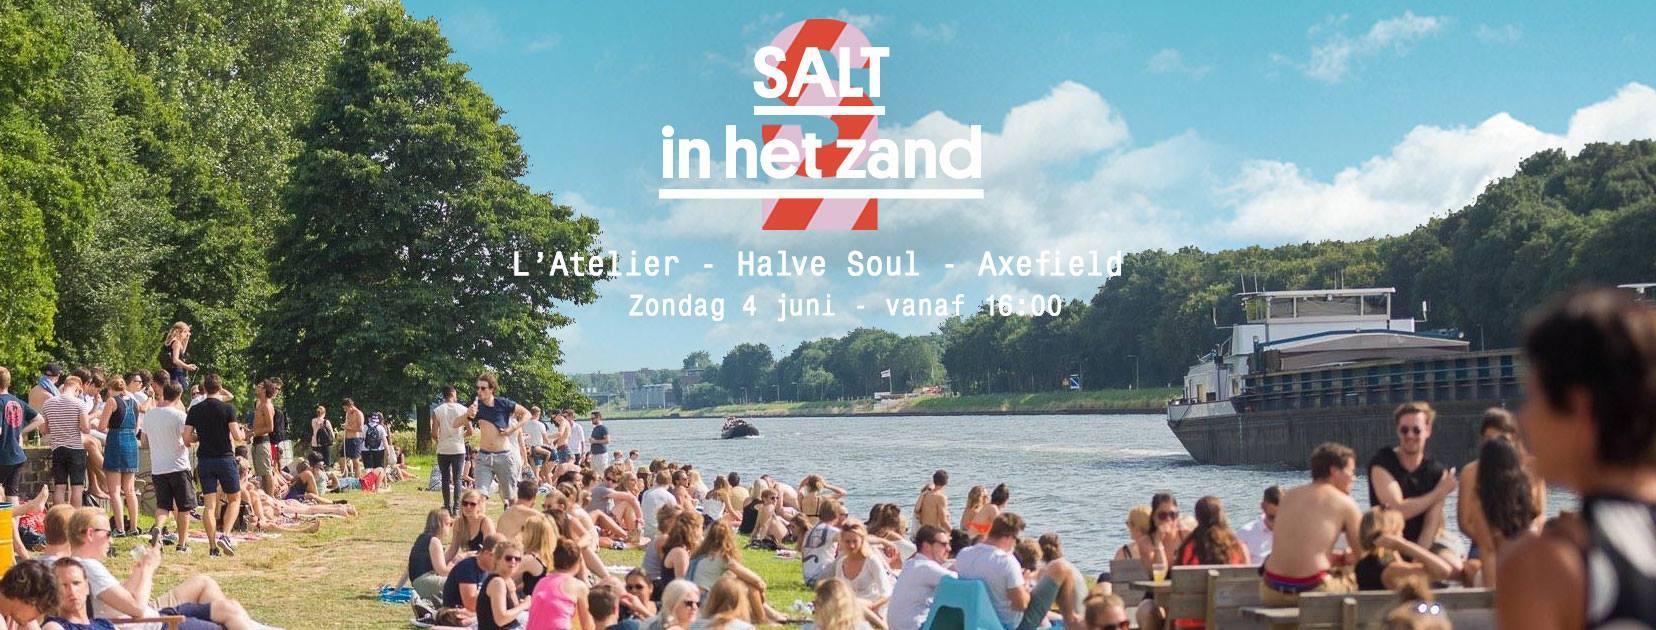 Salt In Het Zand 4 June 2017 Soia Strand Oog In Al Utrecht Event